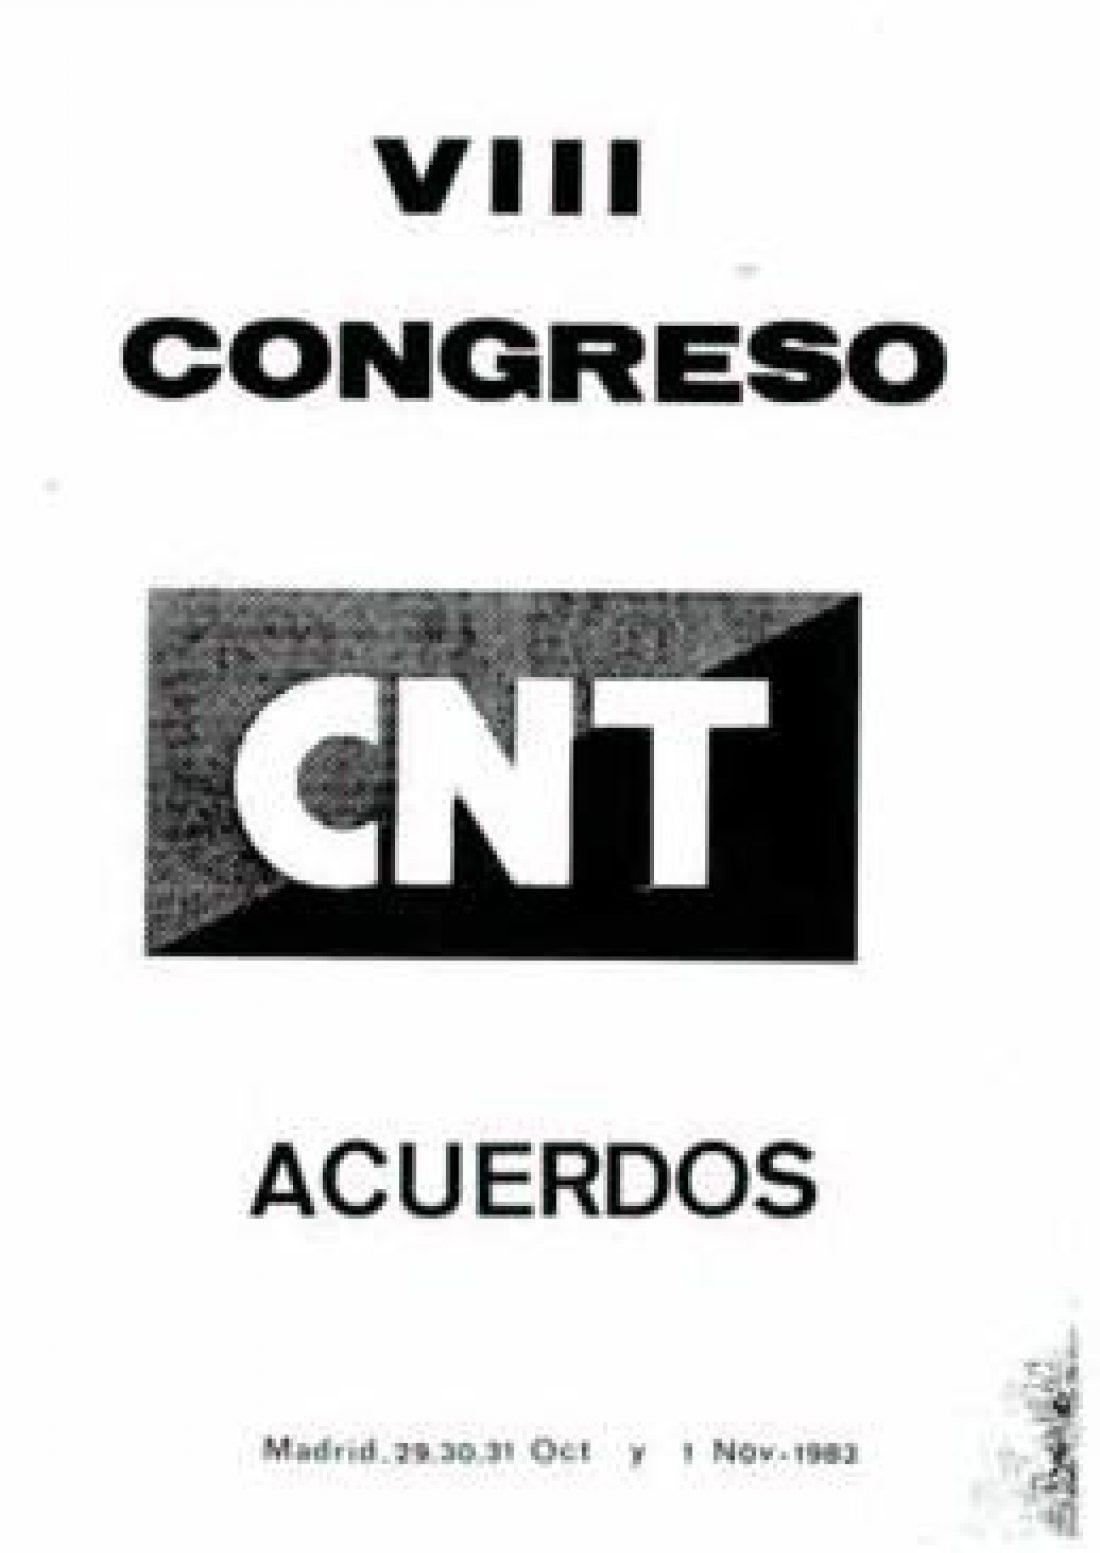 VIII Congreso Confederal Madrid 1983